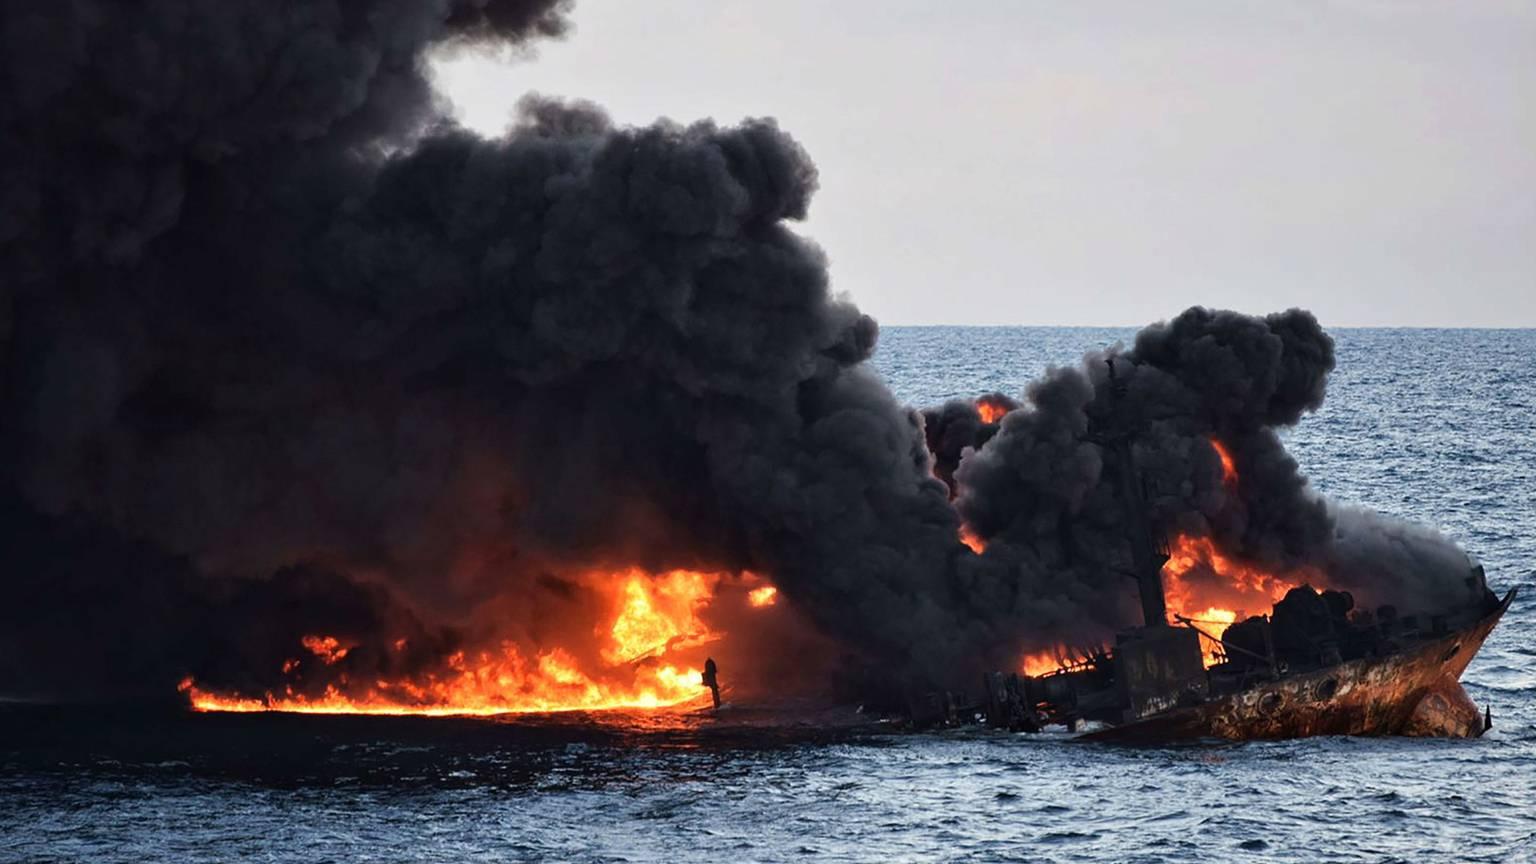 آخرین اخبار از وضعیت نفتکش سانچی از زبان رئیس کمیته پیگیری این سانحه